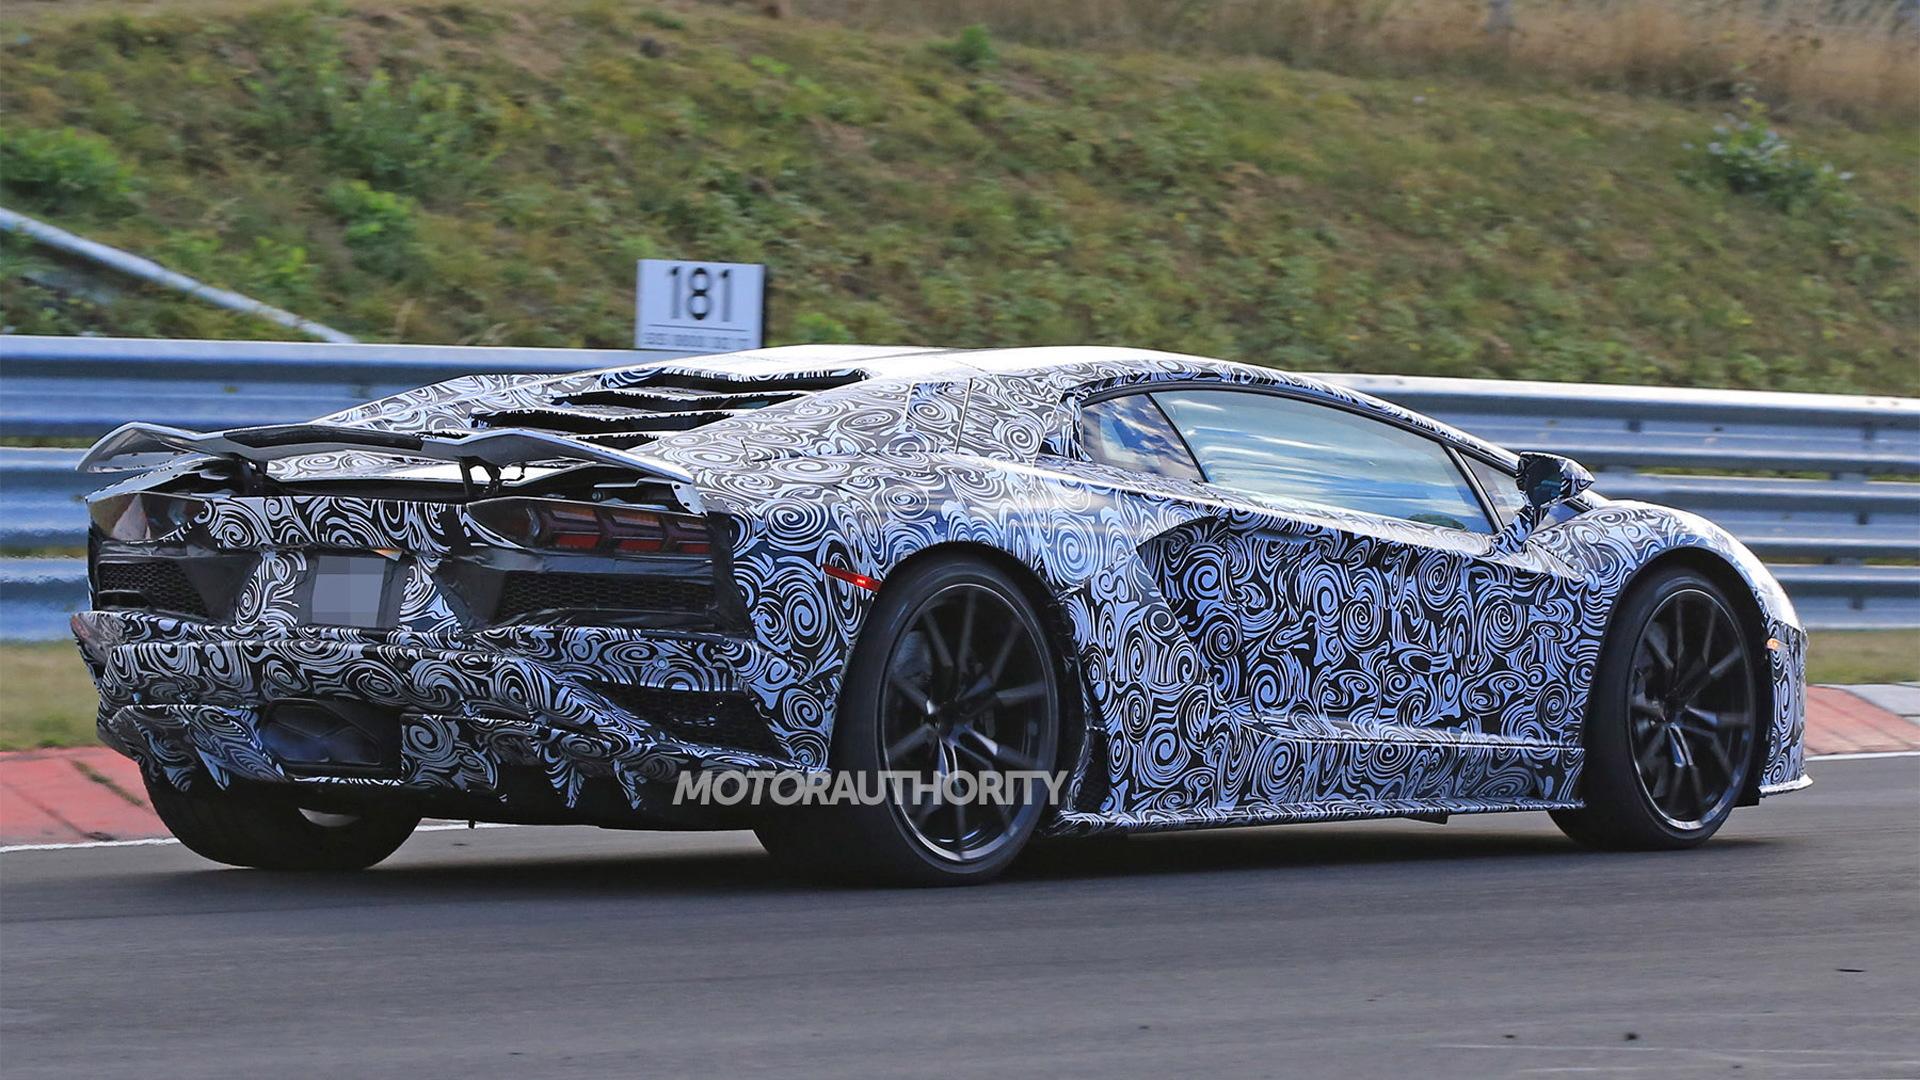 2018 Lamborghini Aventador spy shots - Image via S. Baldauf/SB-Medien